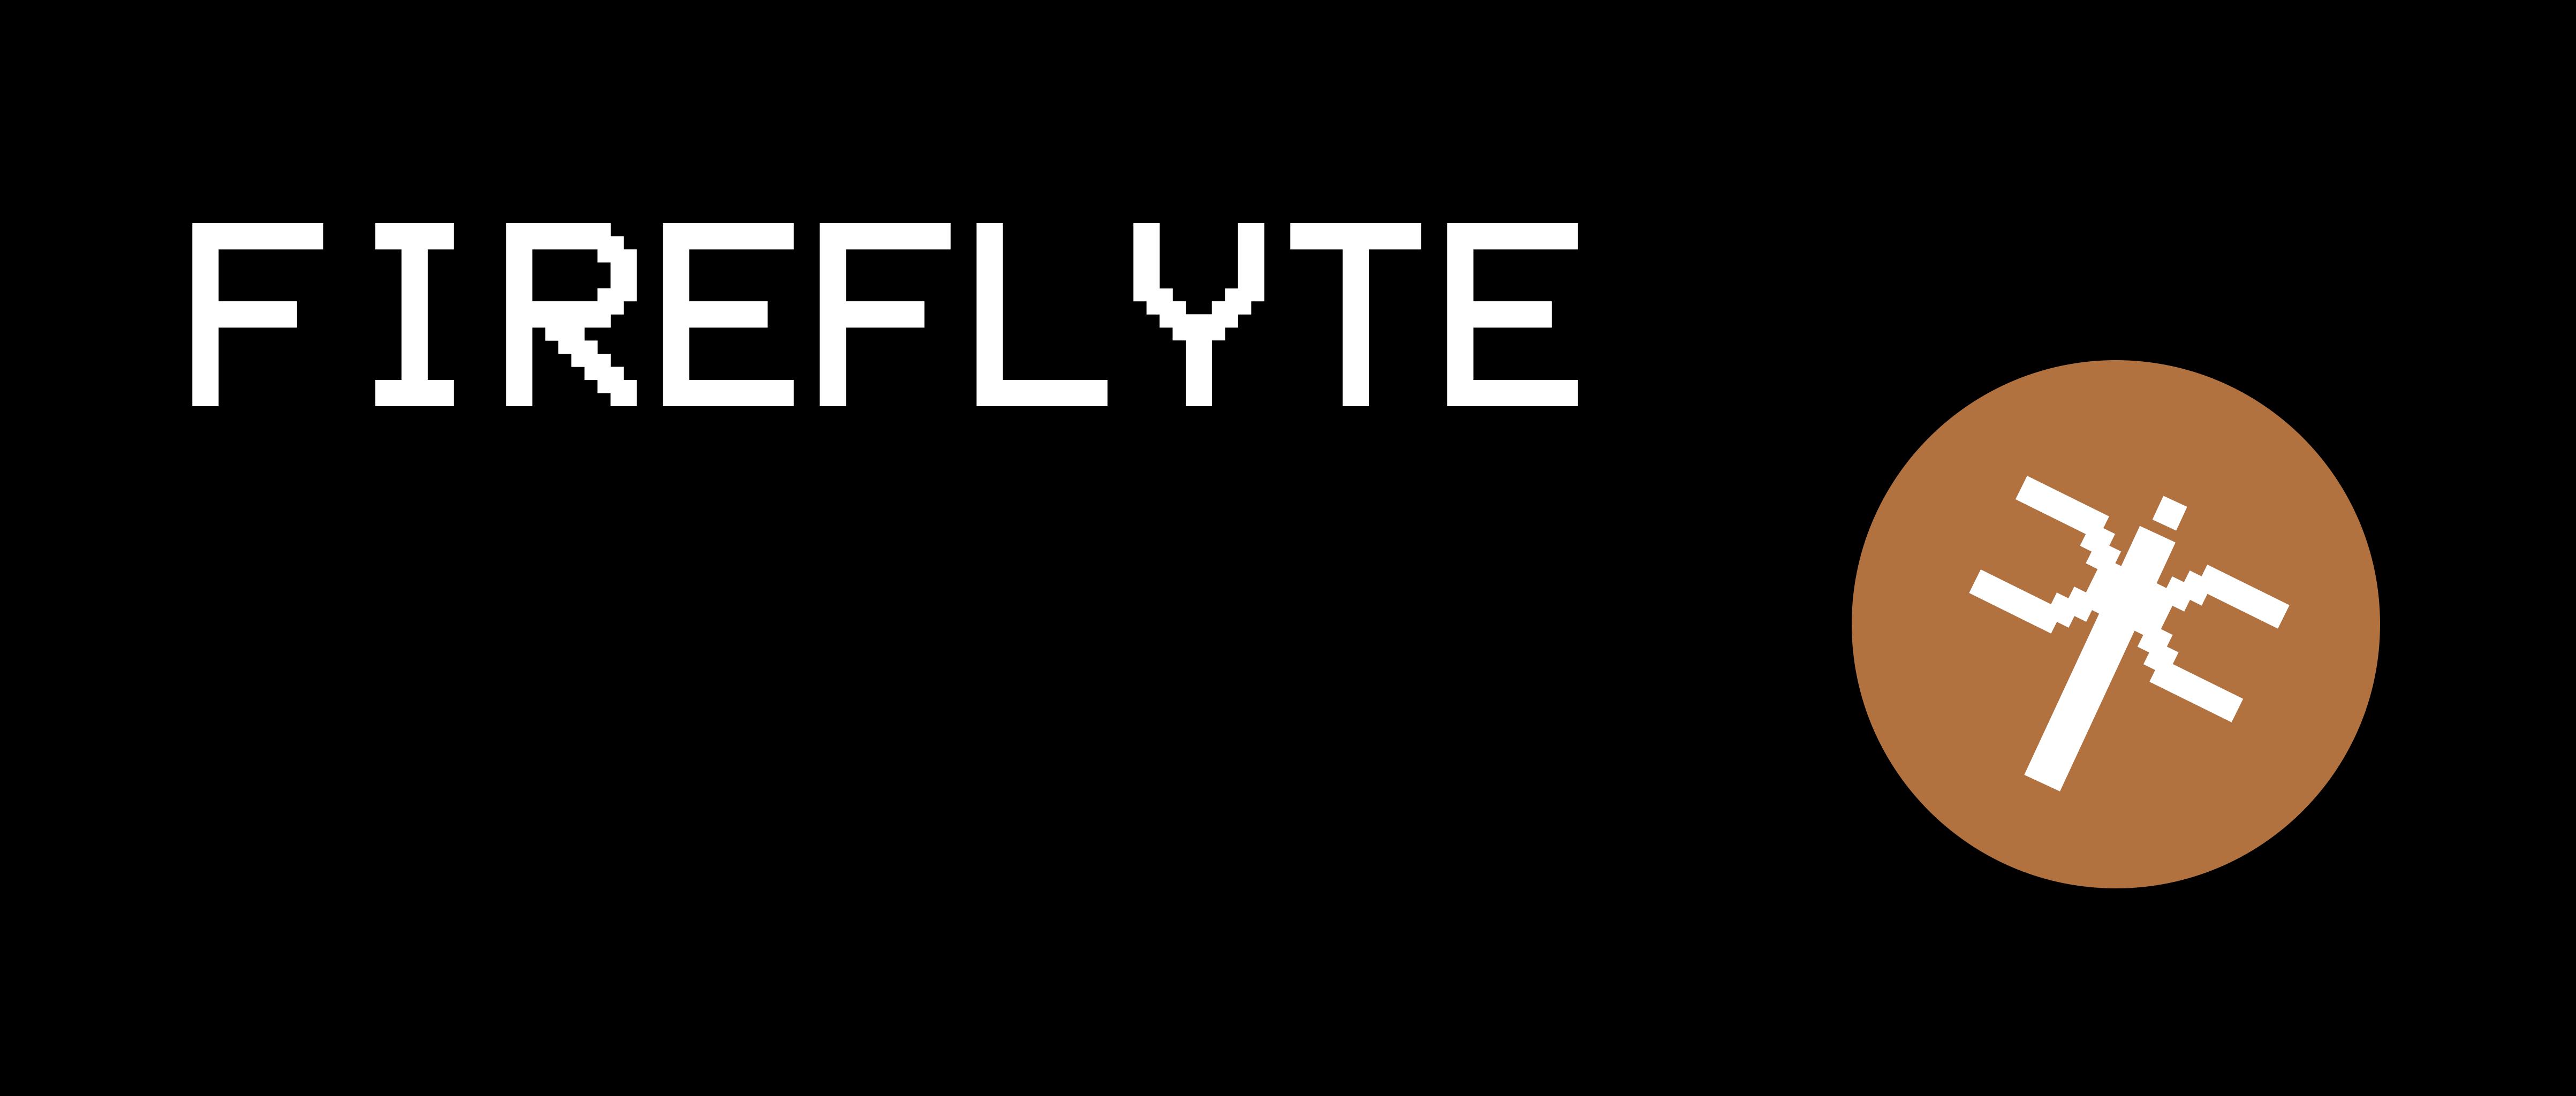 FIREFLYTE